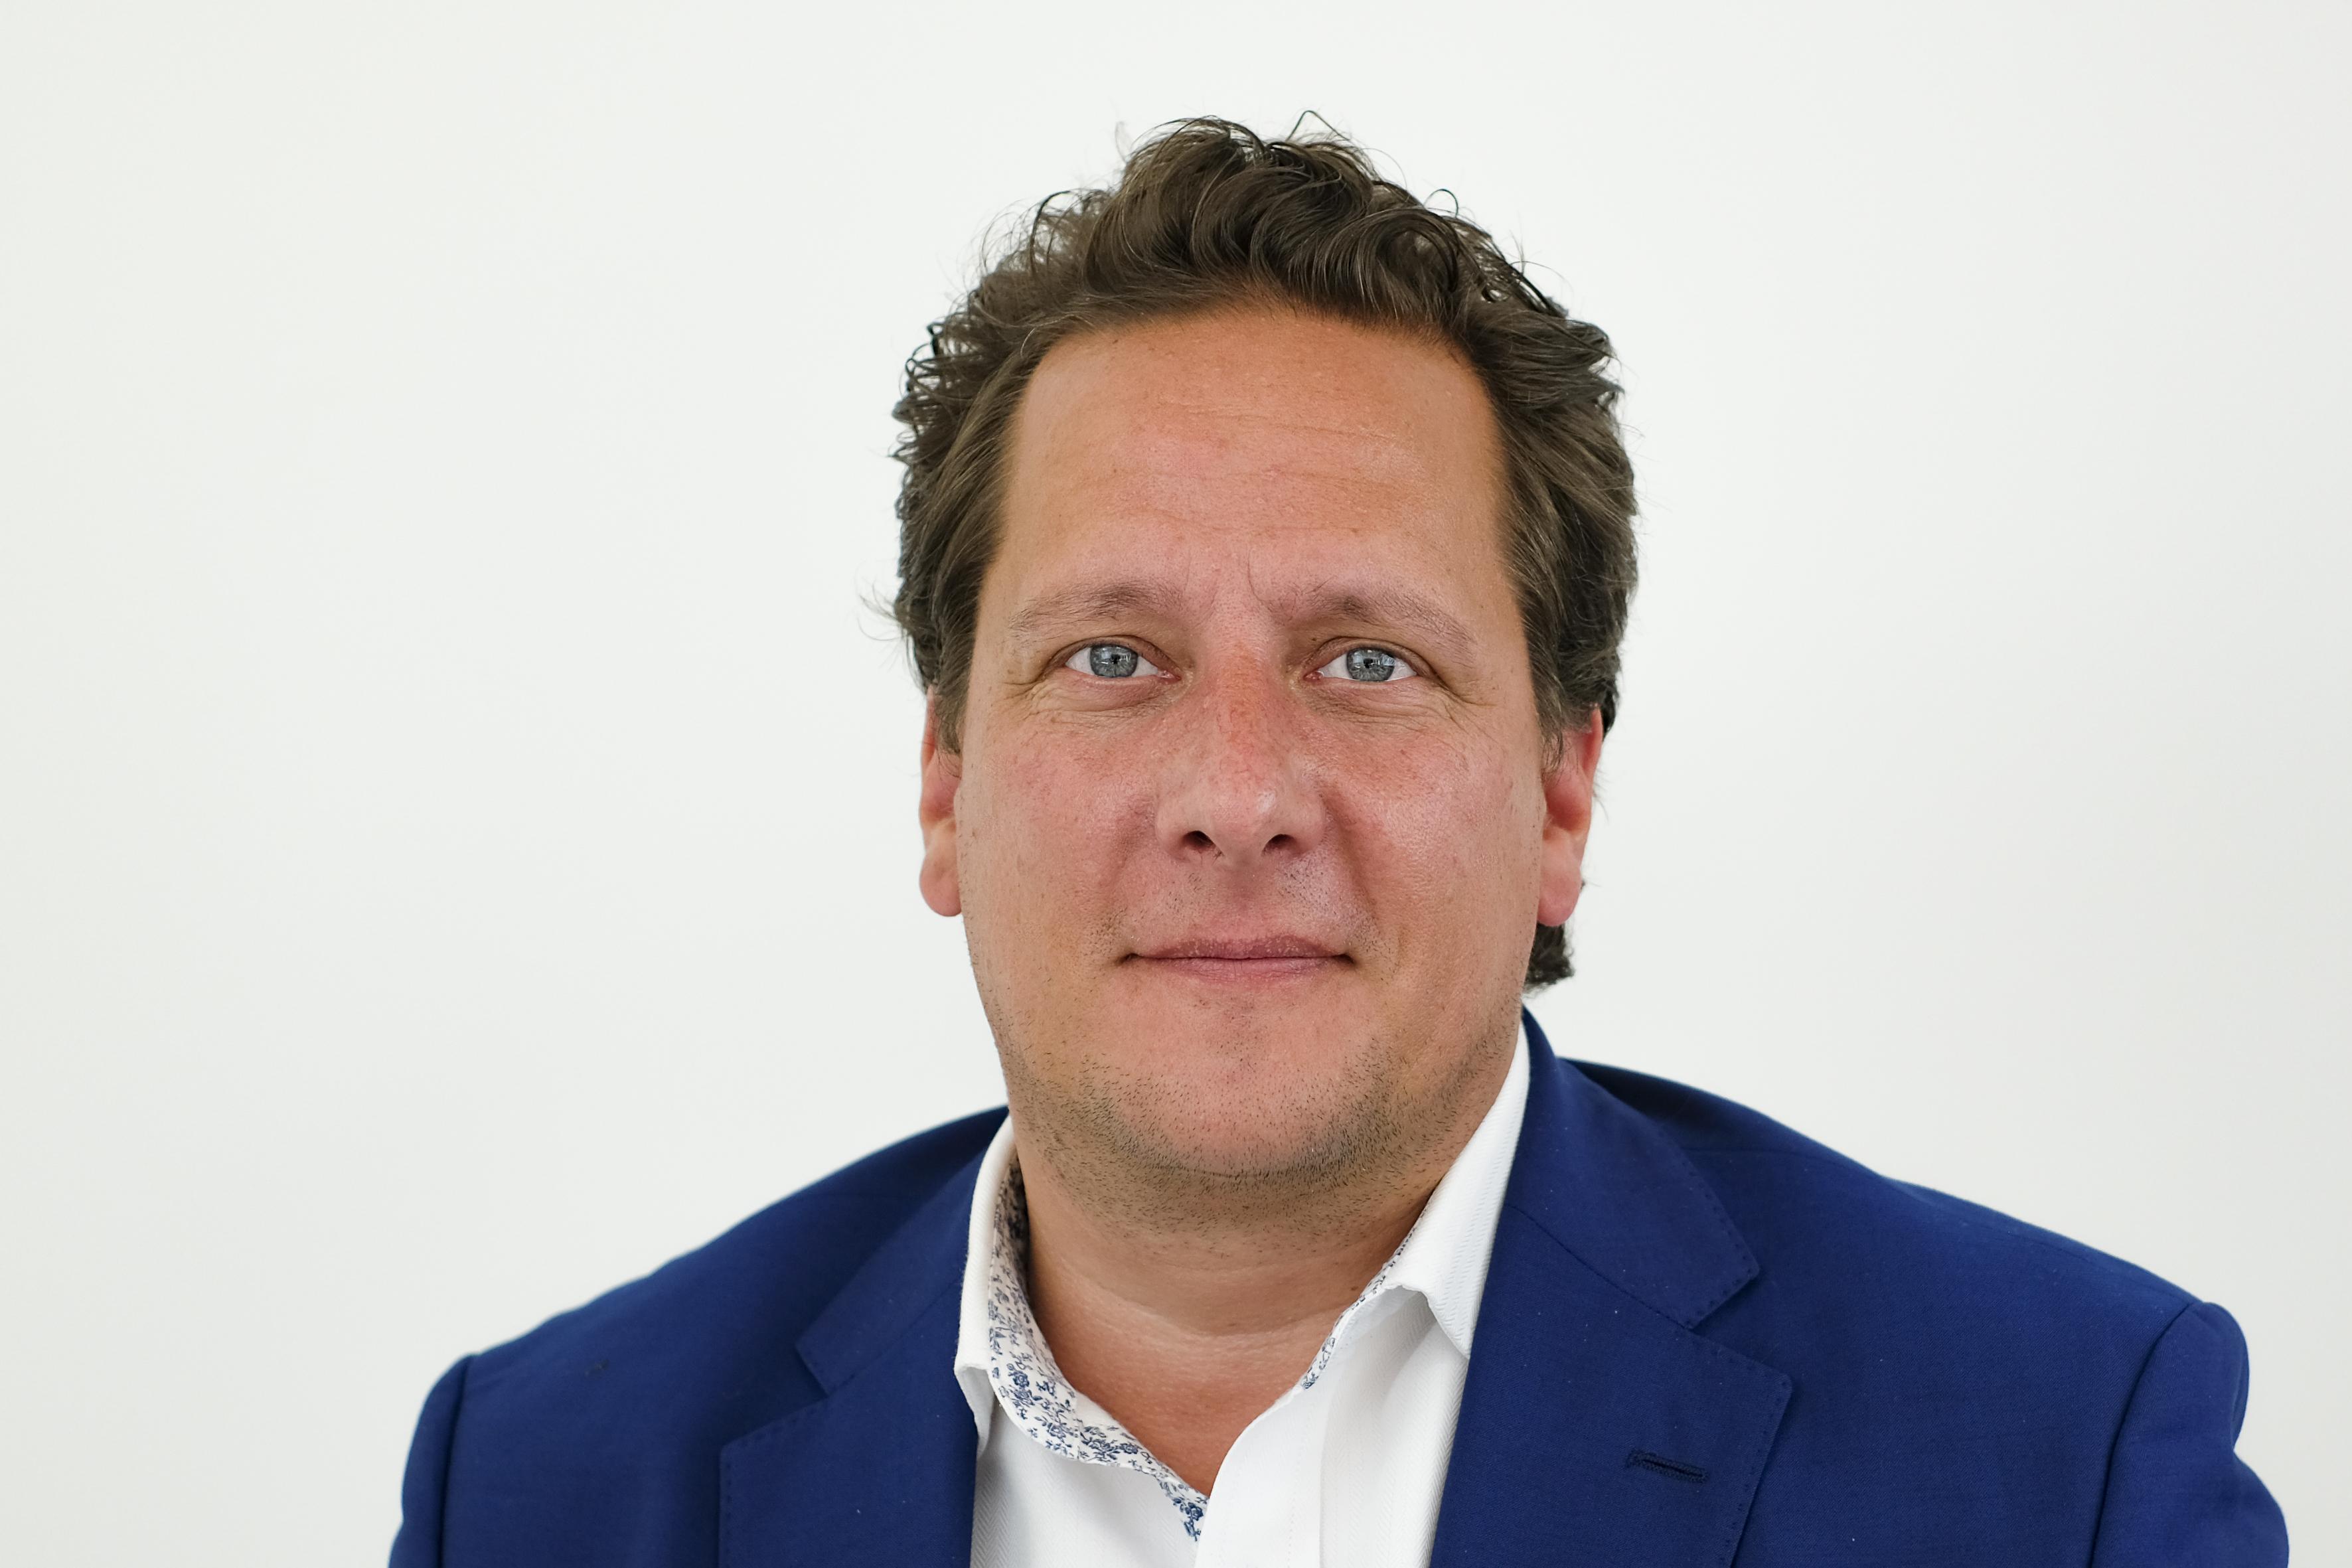 Neil Felton